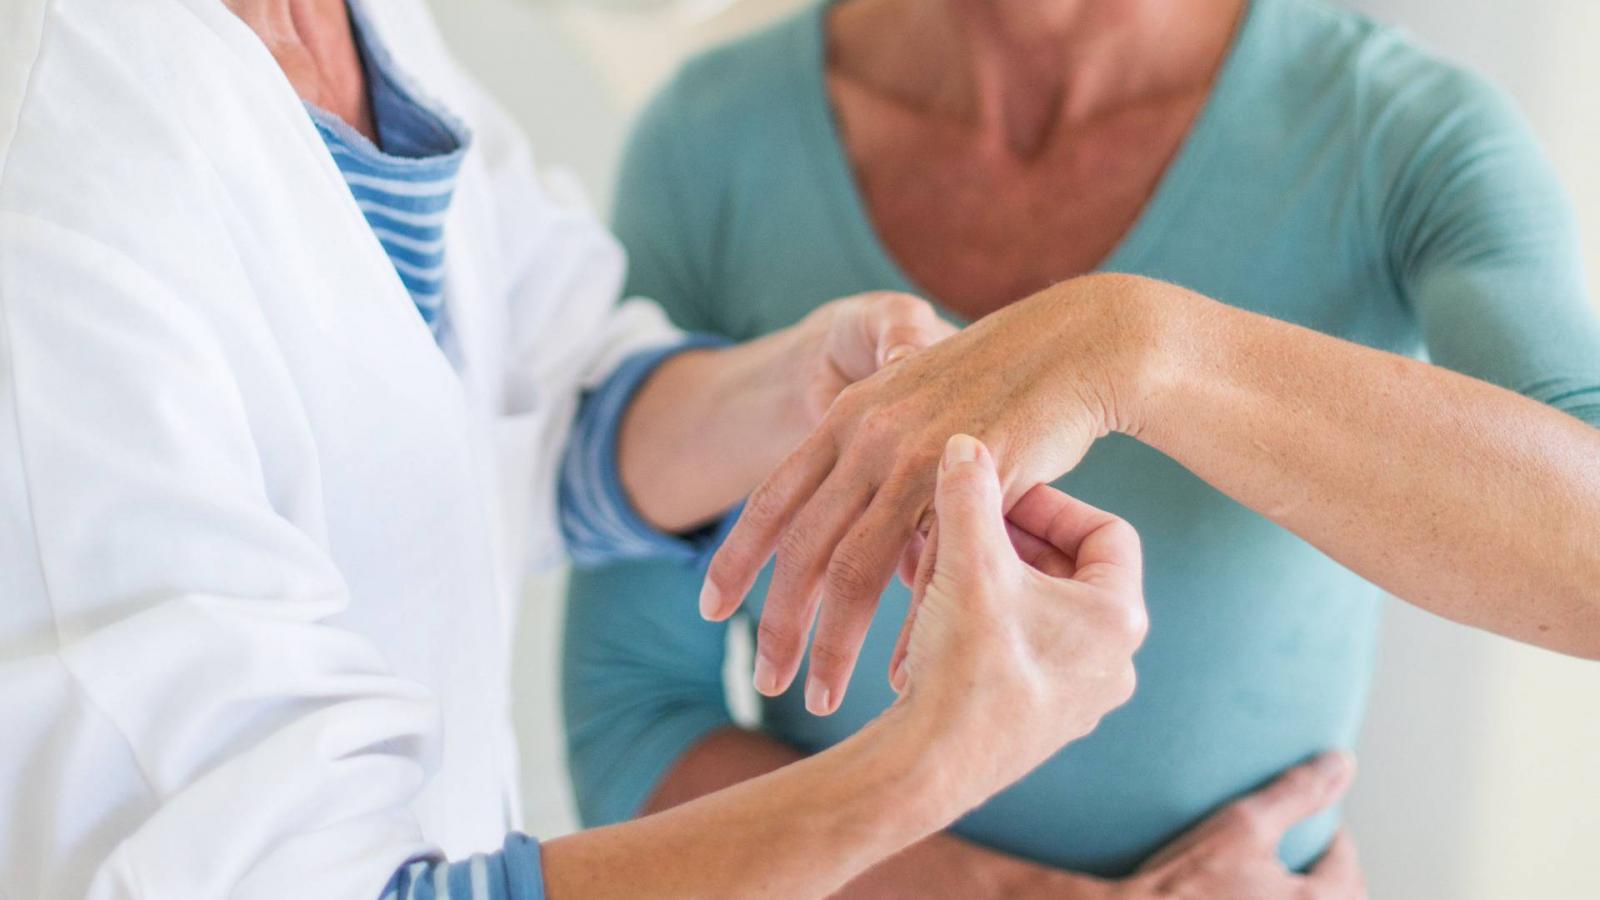 hogyan kezeljük az ízületi gyulladást milyen gyógyszerekkel